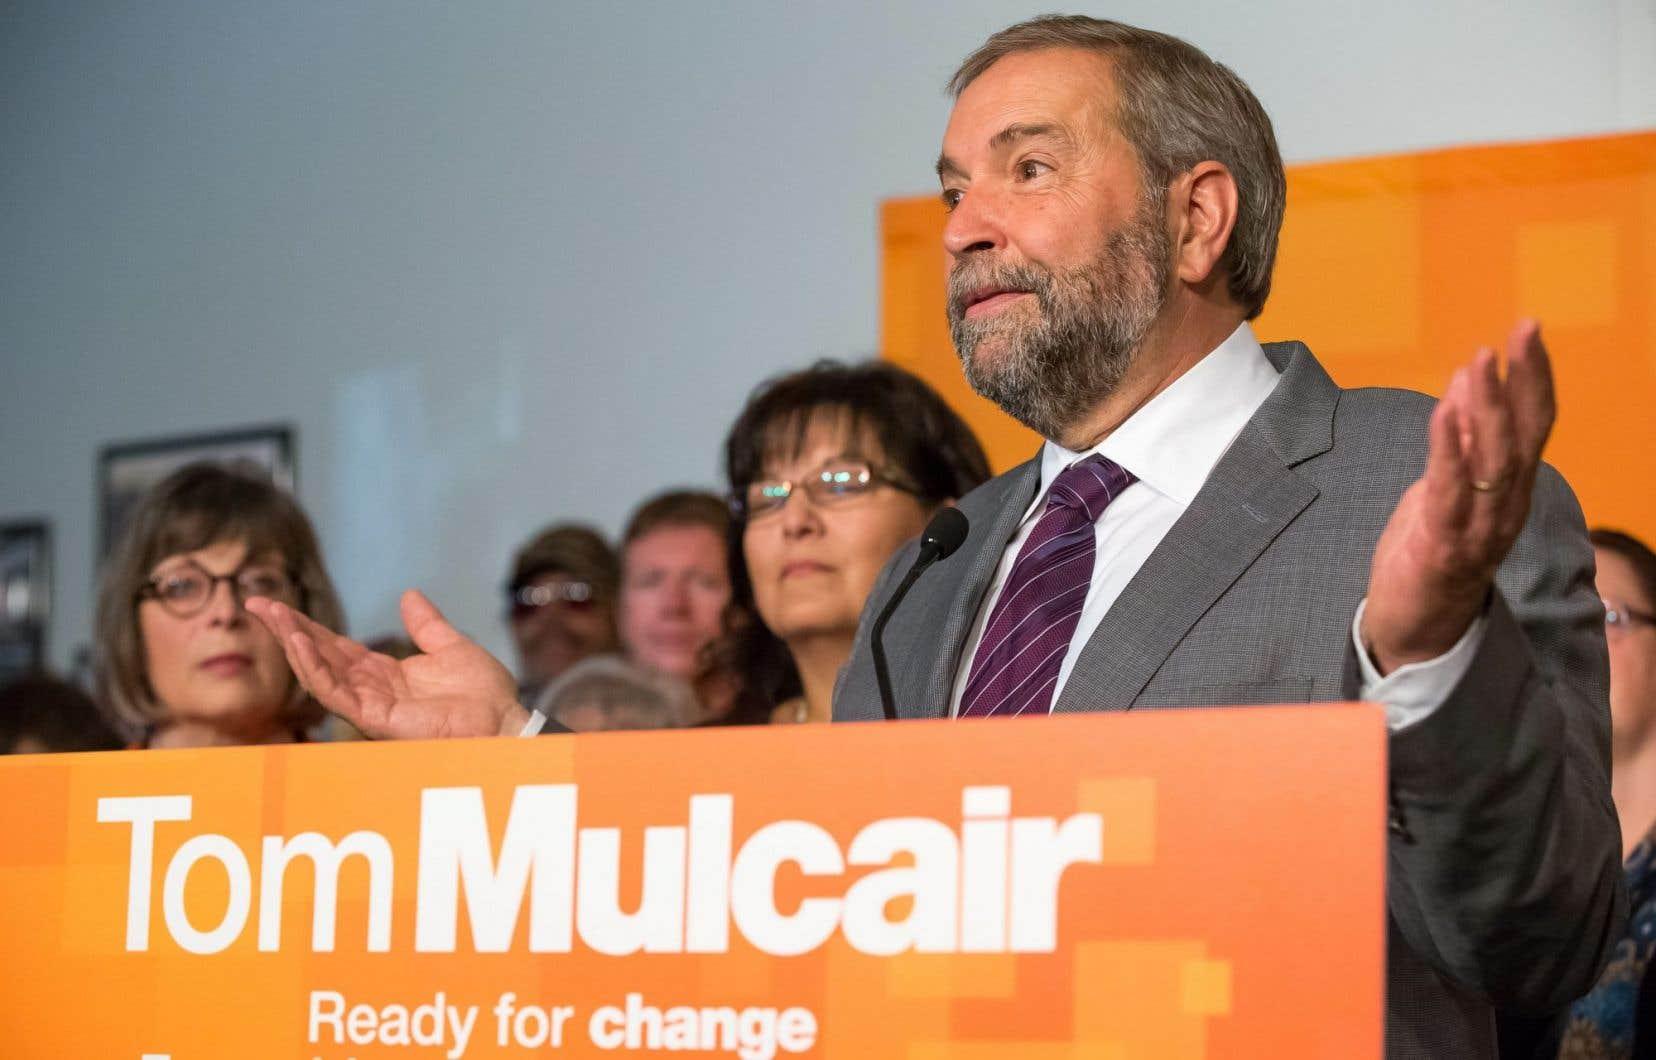 Le chef néodémocrate, Thomas Mulcair, était de passage à Saskatoon lundi pour une annonce concernant la lutte contre la violence faite aux femmes.